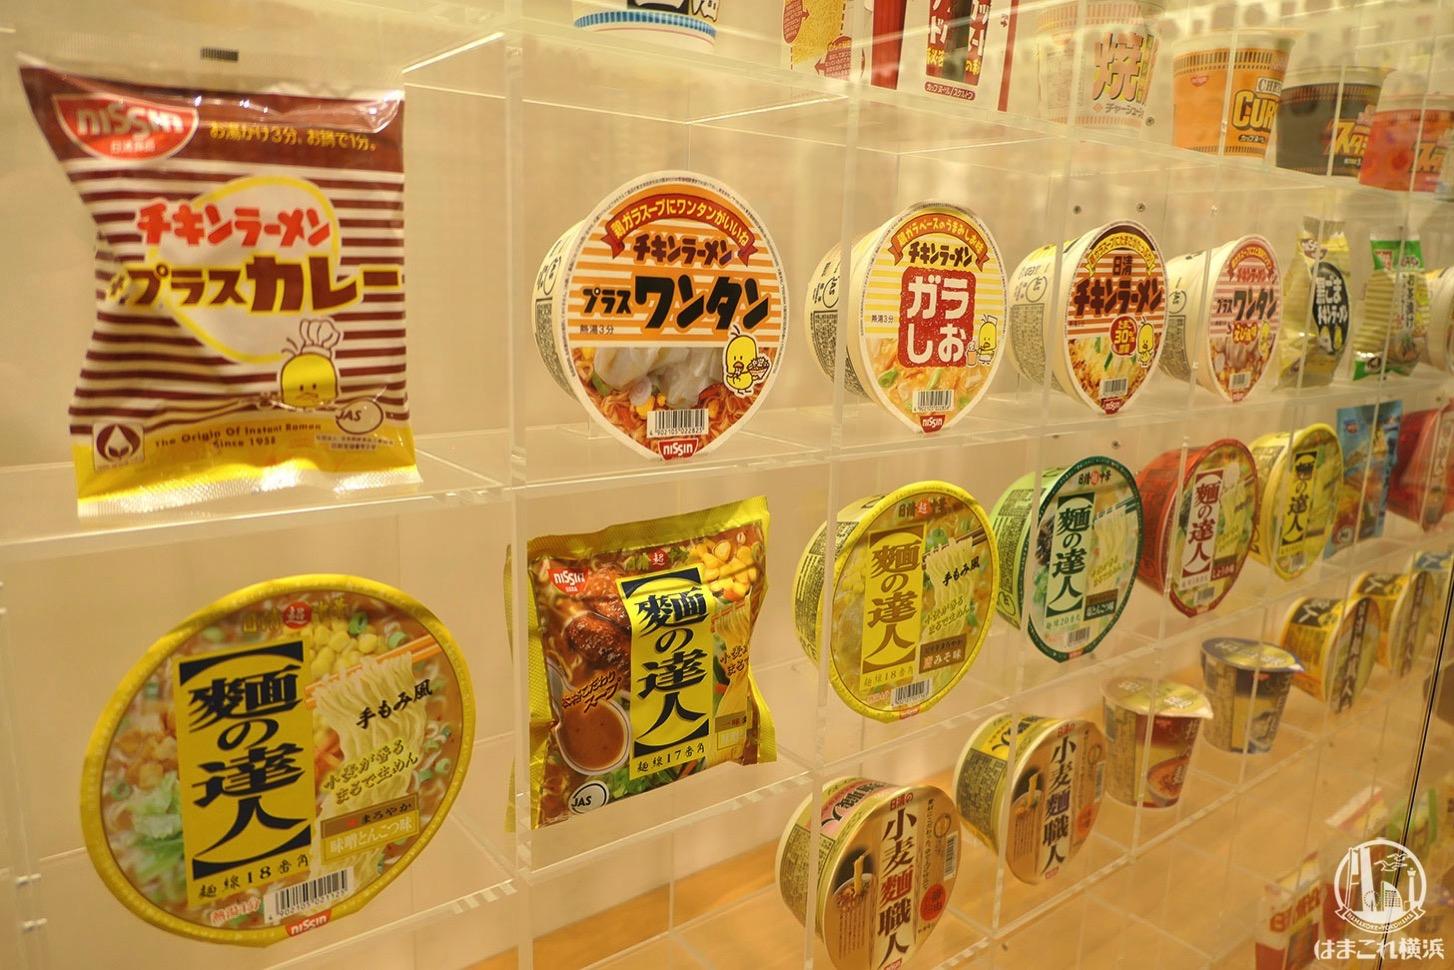 カップヌードルミュージアム横浜は再訪でも楽しい!おすすめ観光スポット